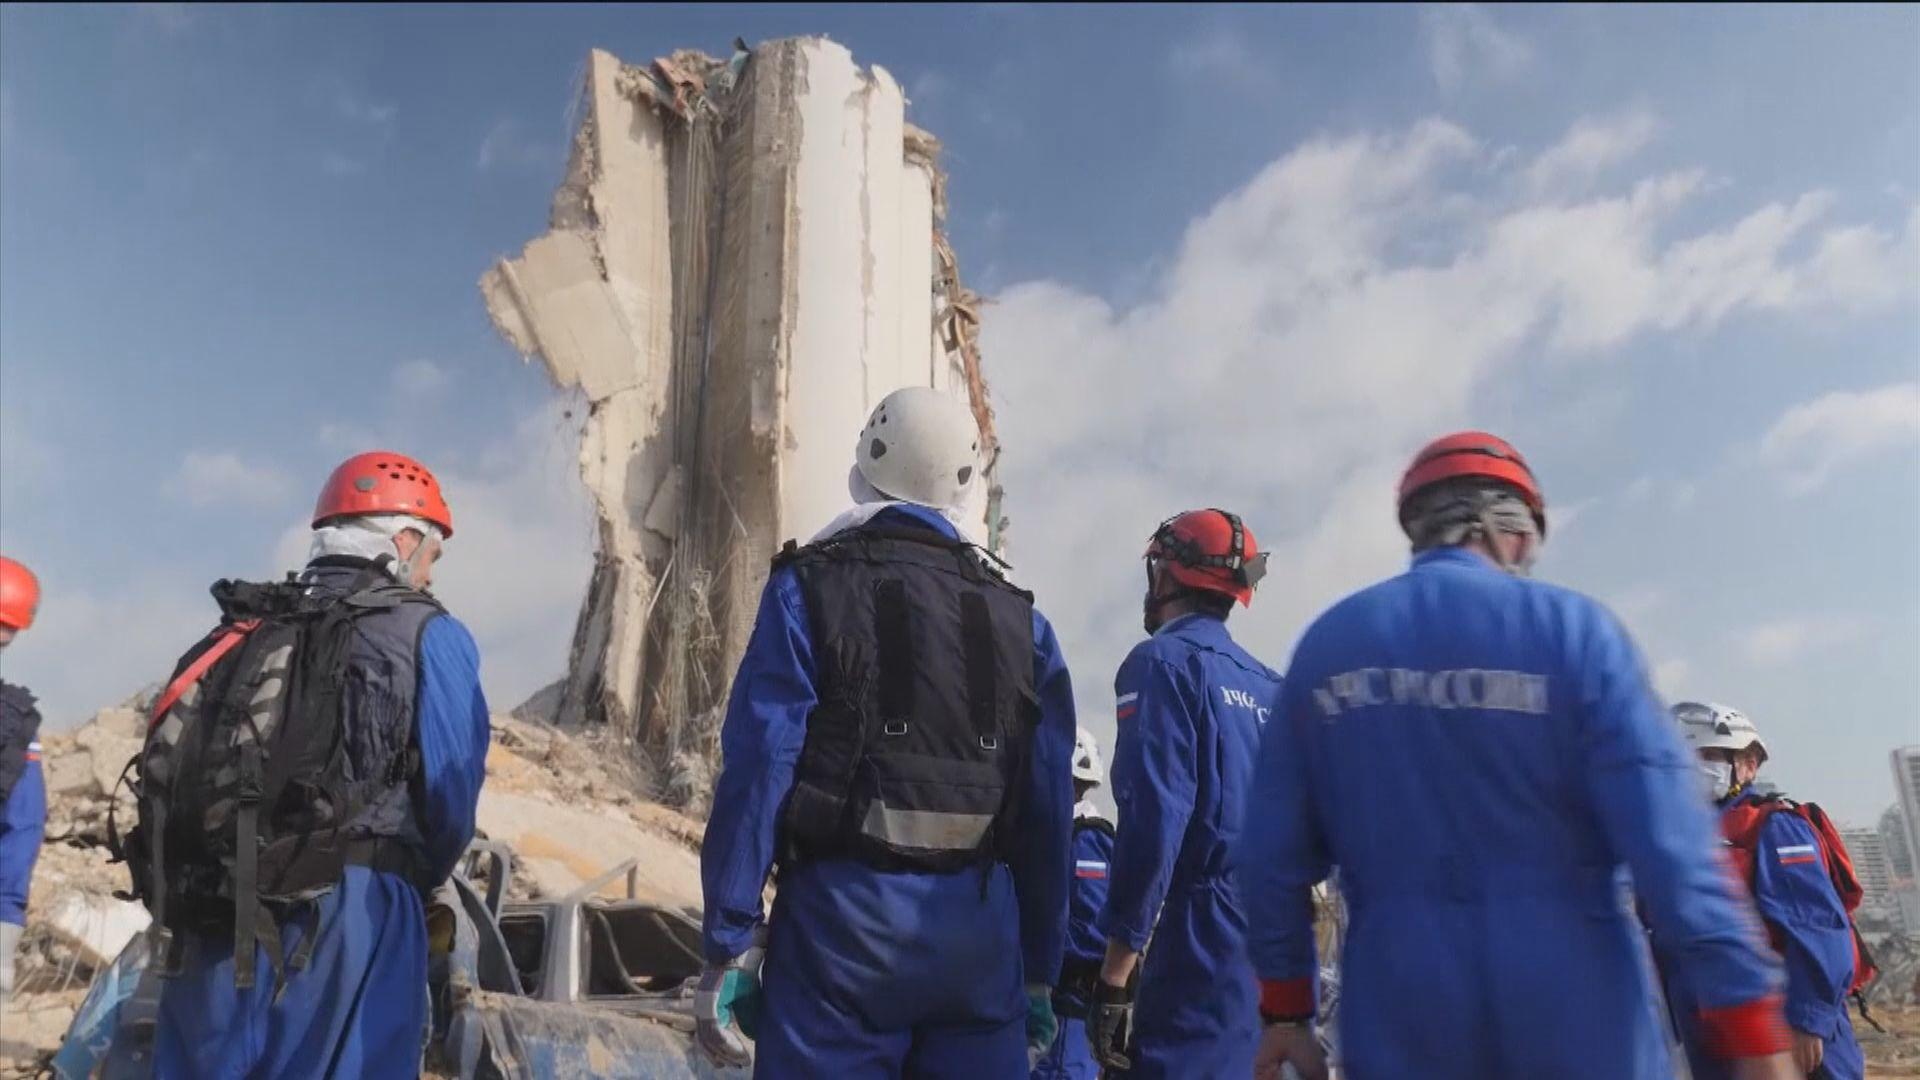 多國救援隊伍陸續抵達貝魯特協助救援